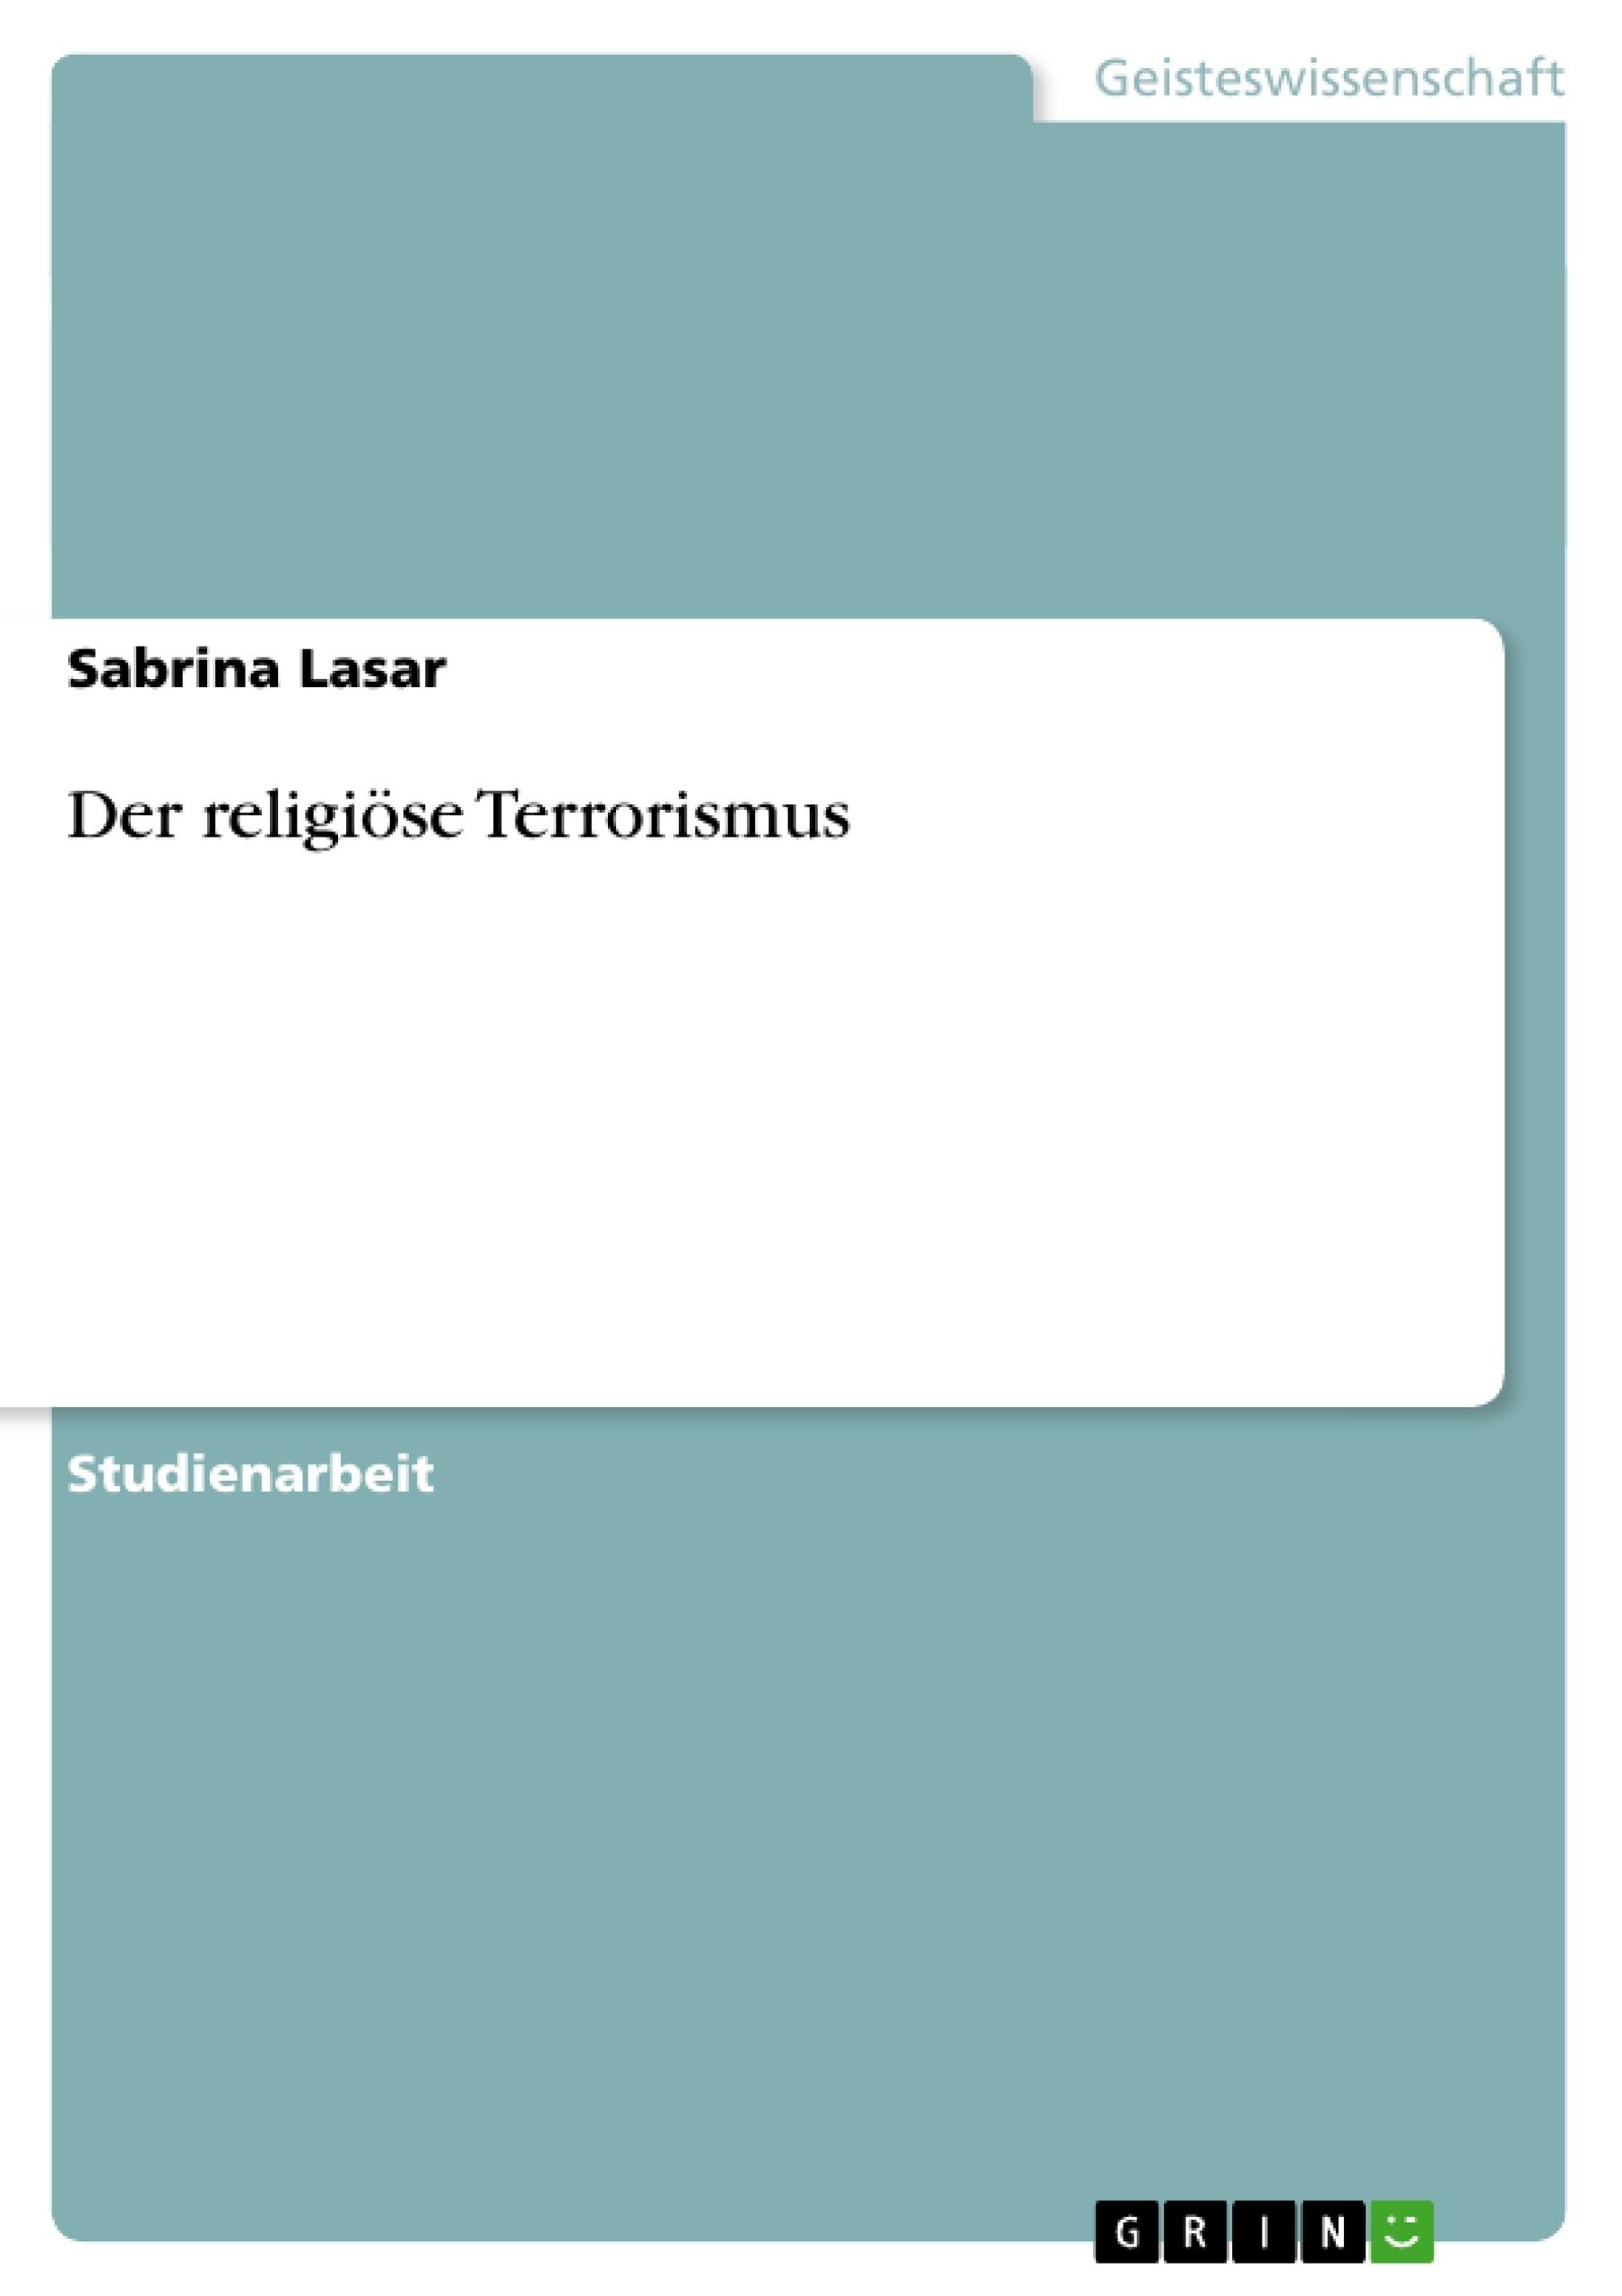 Titel: Der religiöse Terrorismus